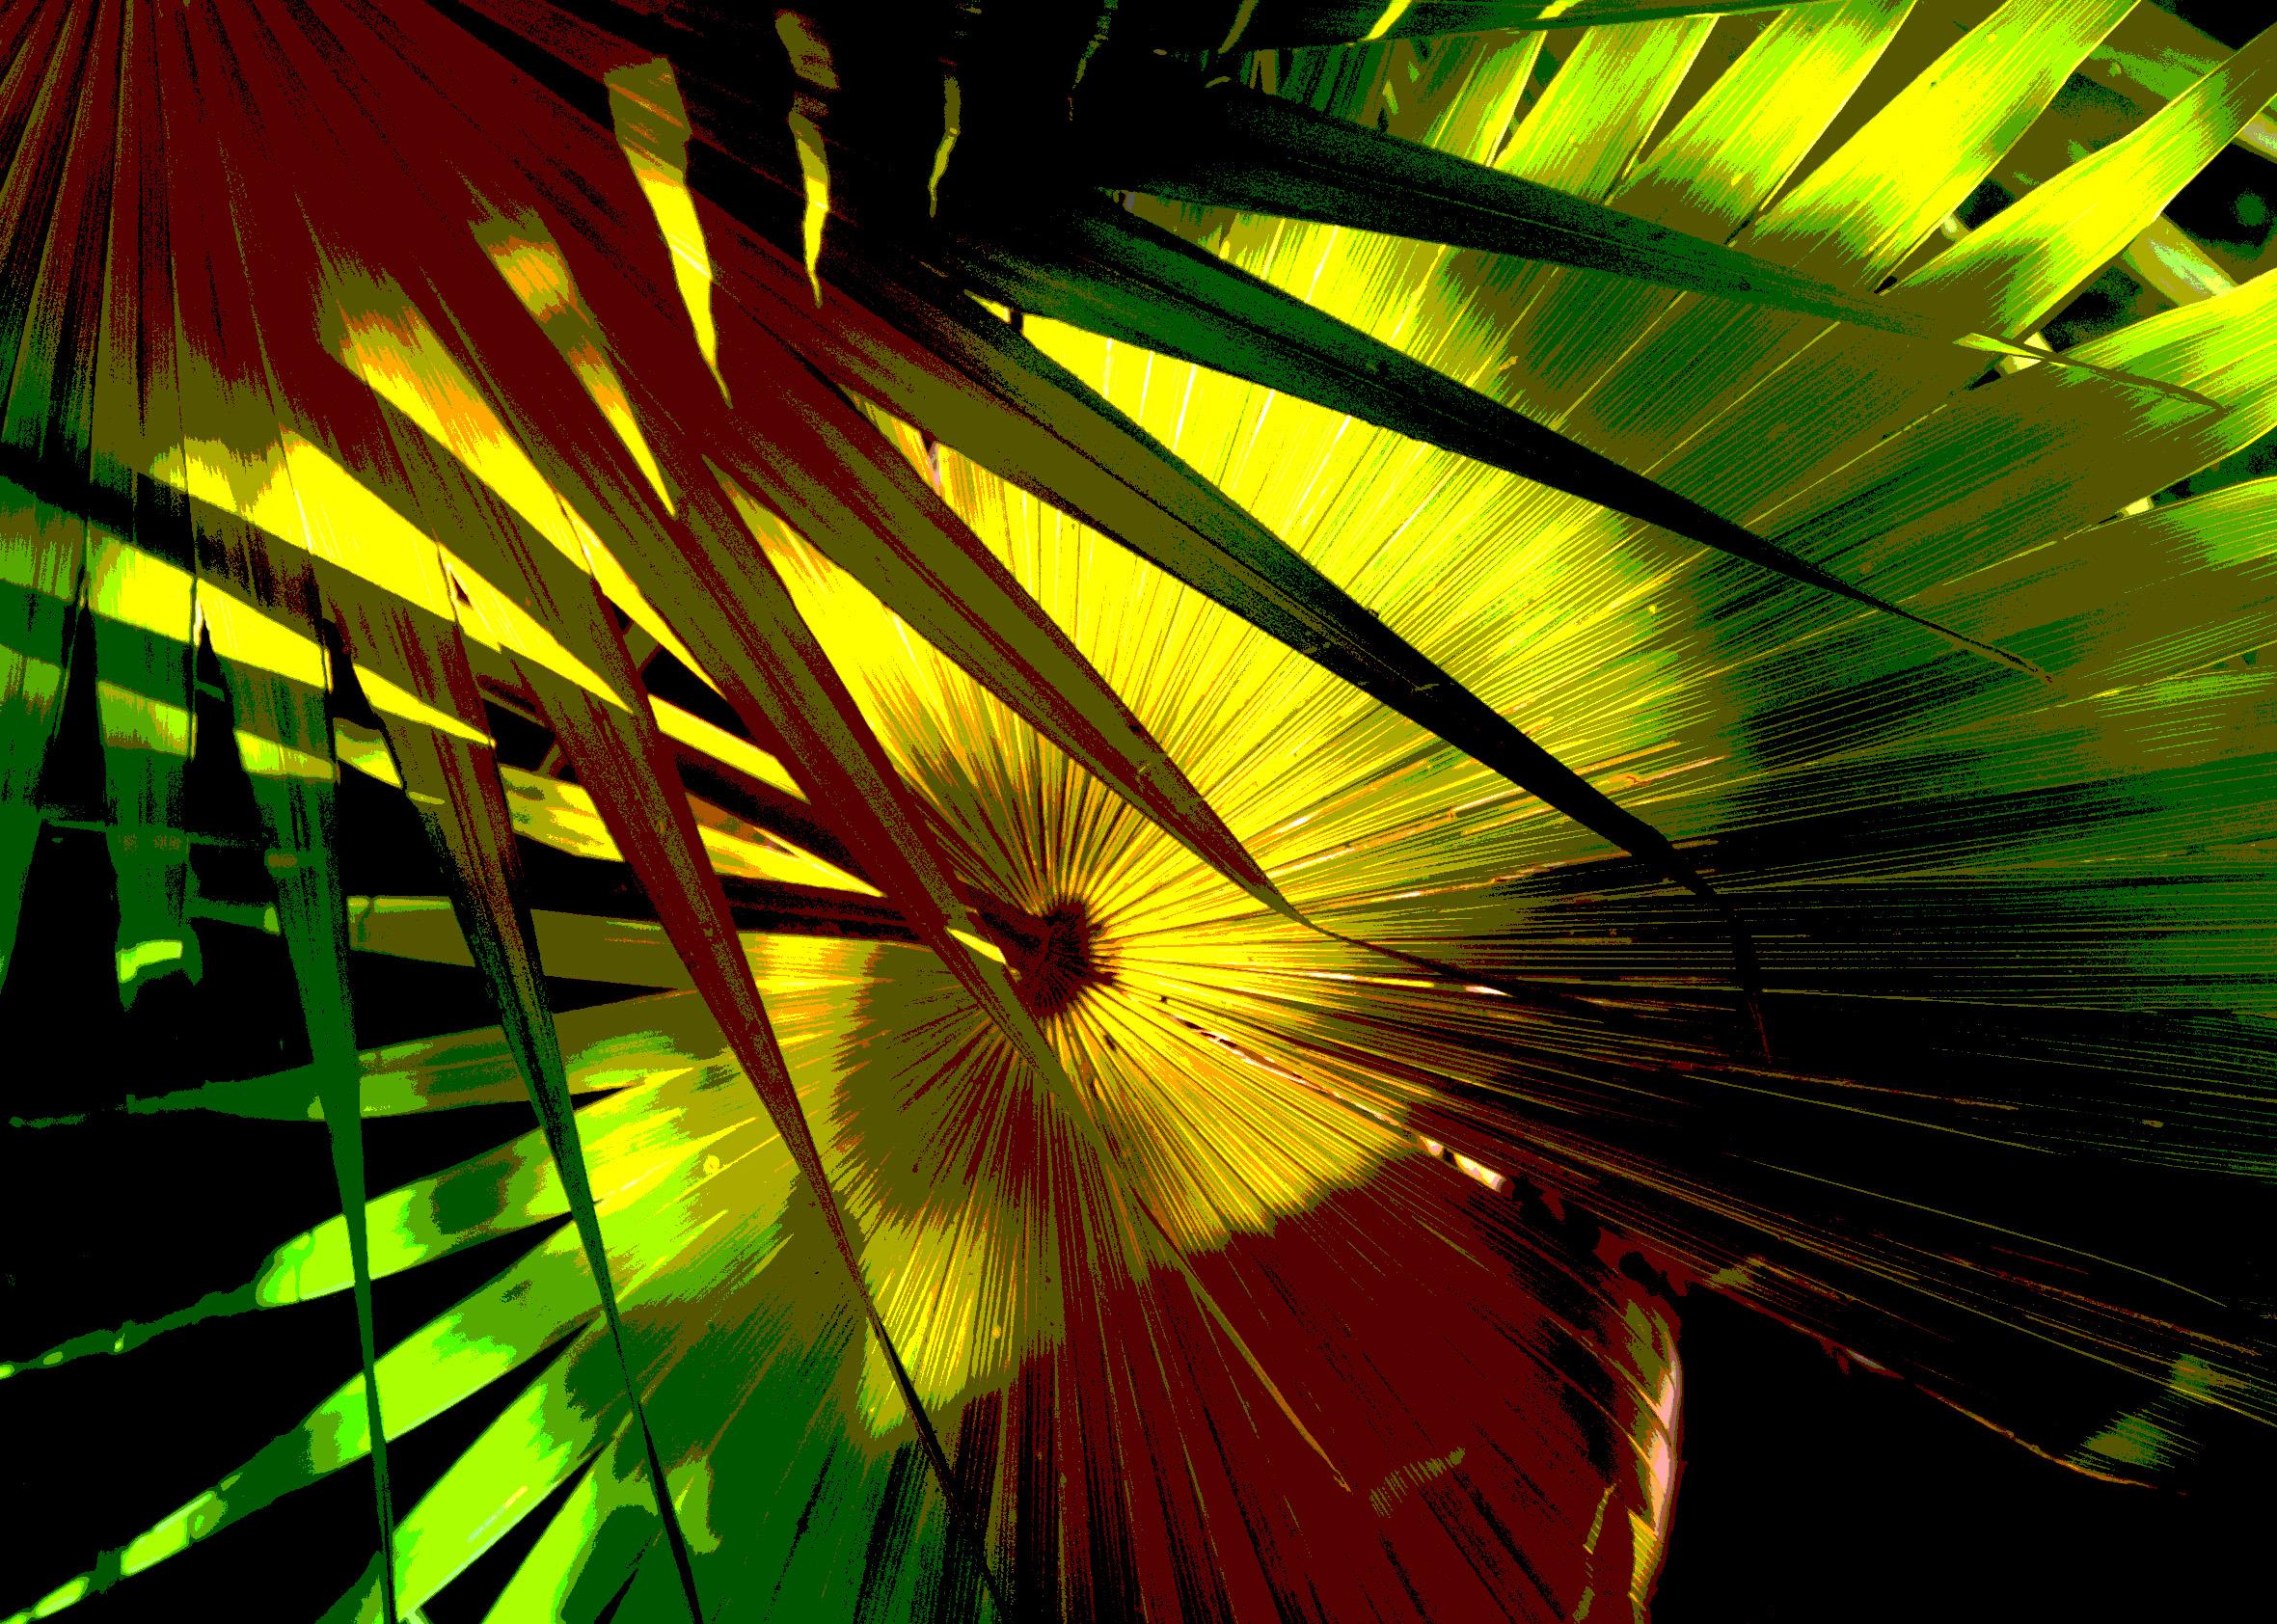 fan palm 8